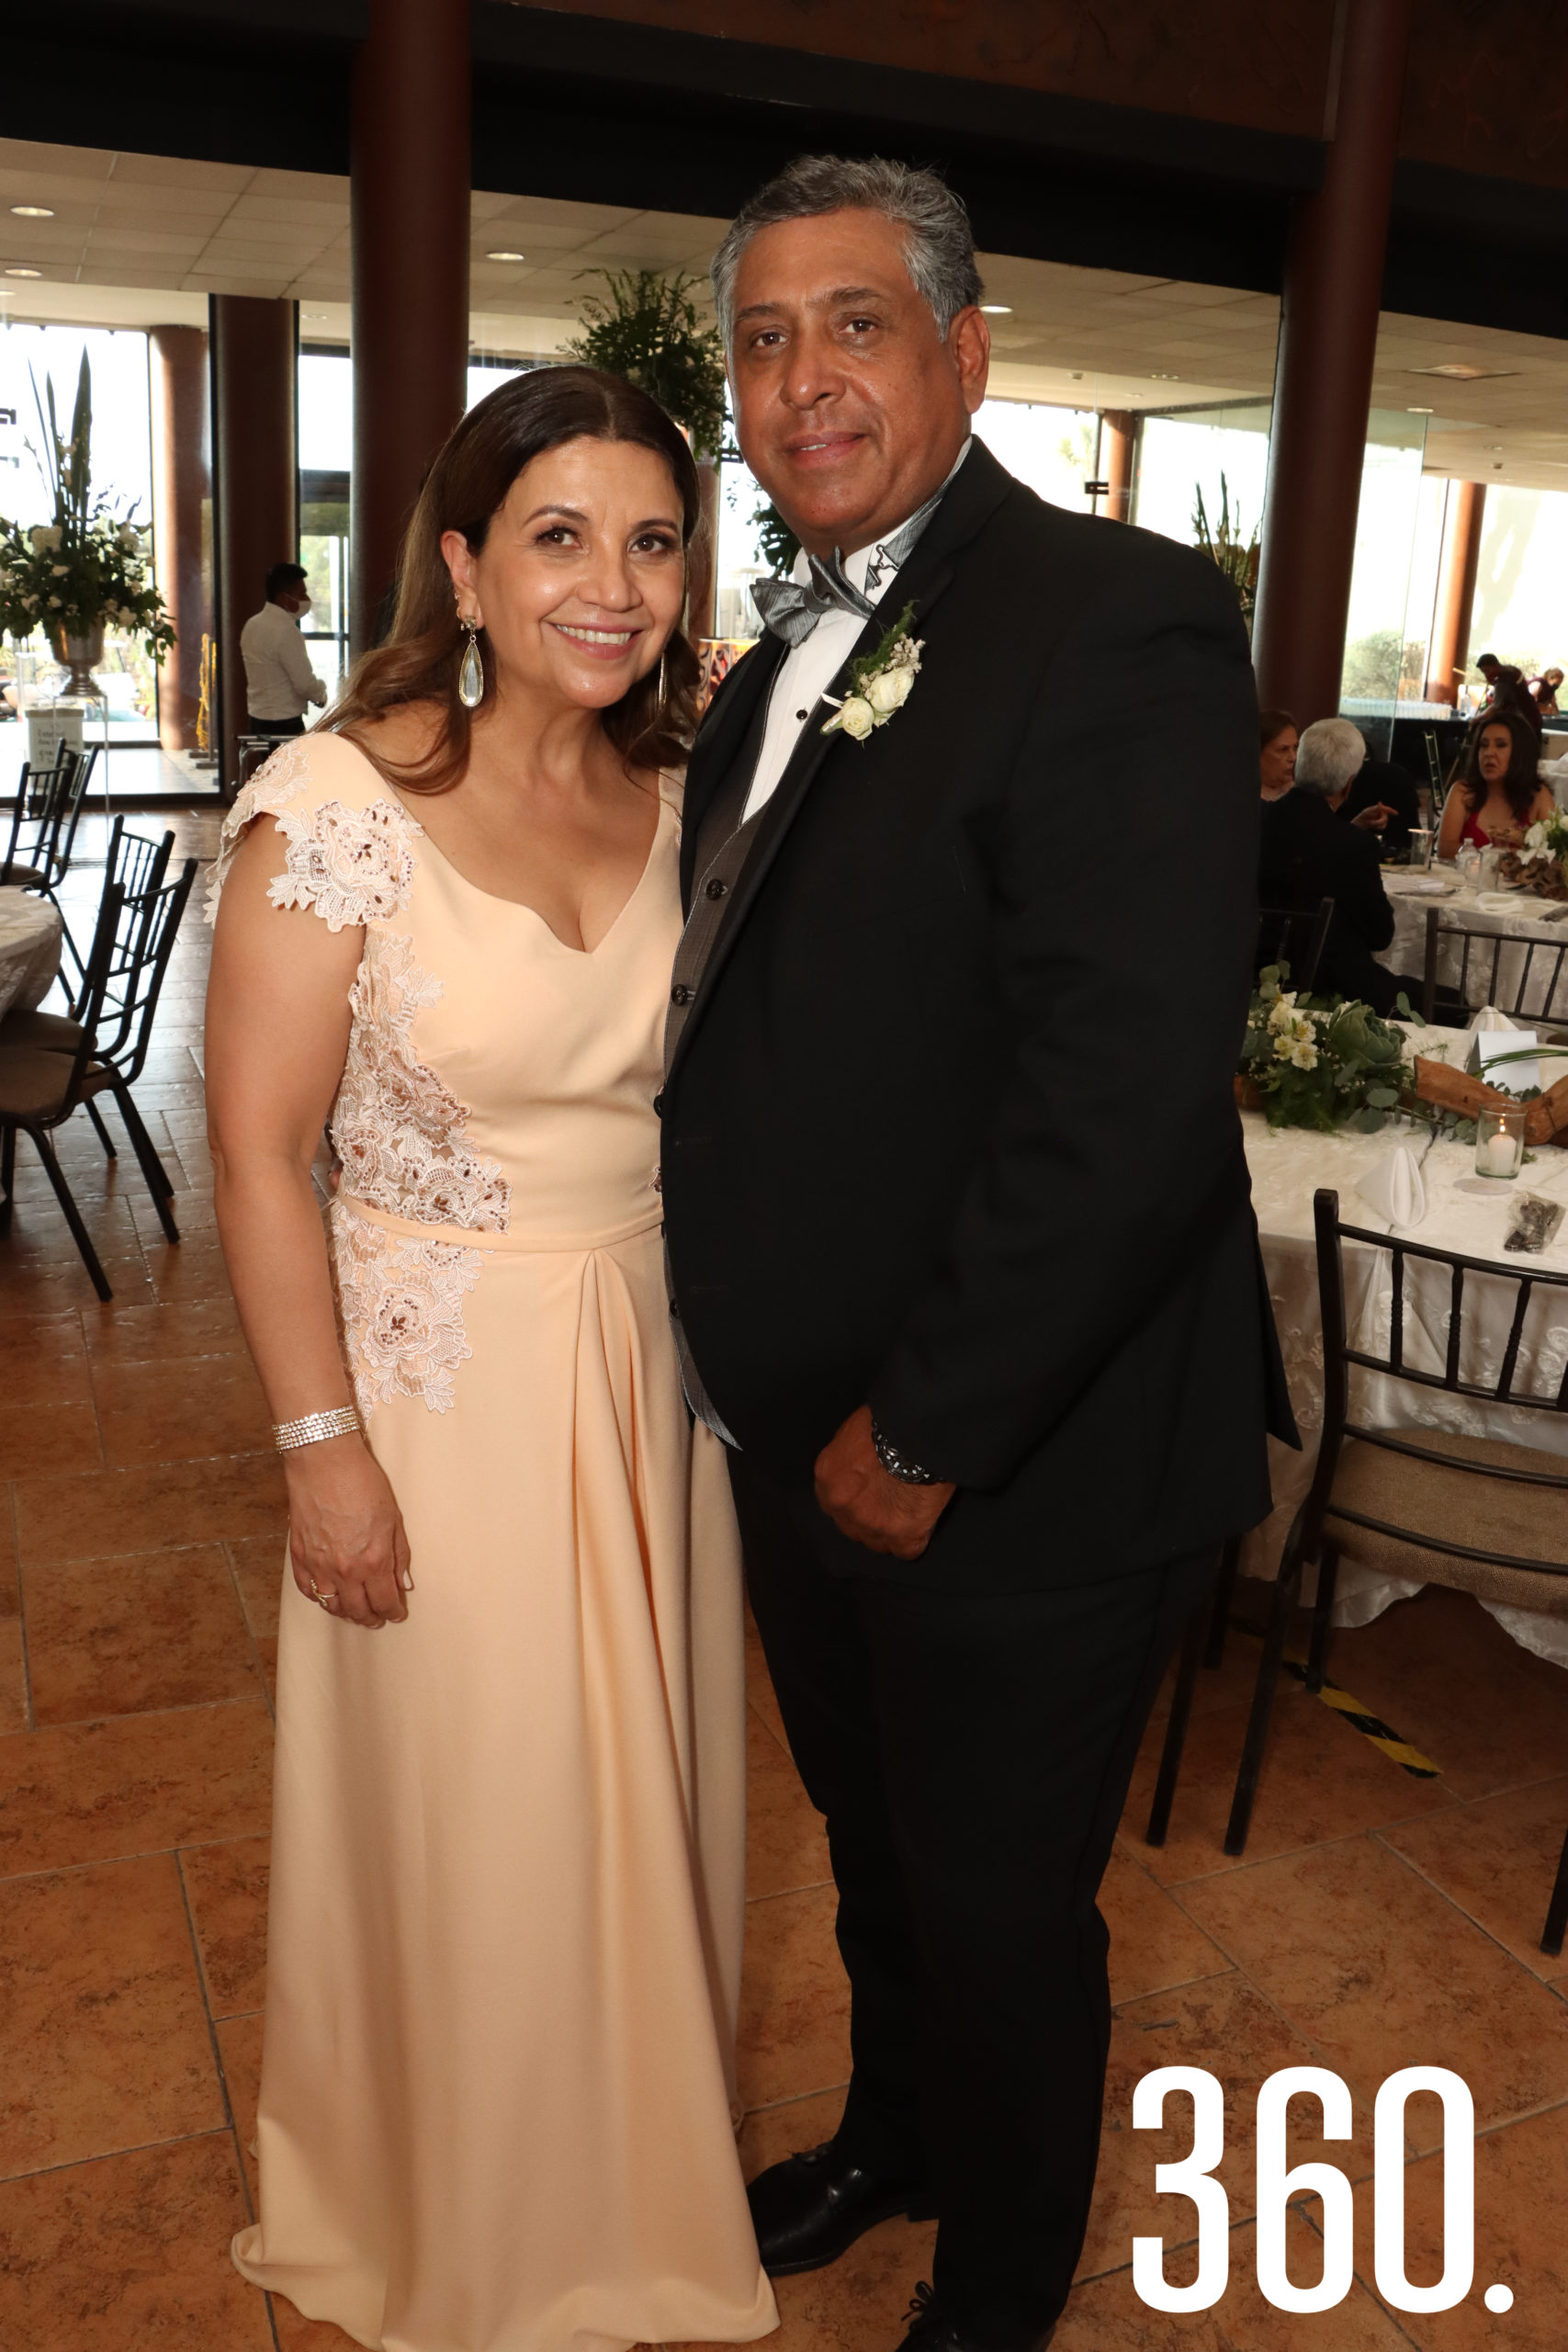 Patricia Fernández Monsiváis y Ubaldo Tovar Maldonado y Patricia Fernández Monsiváis, padres de la novia.